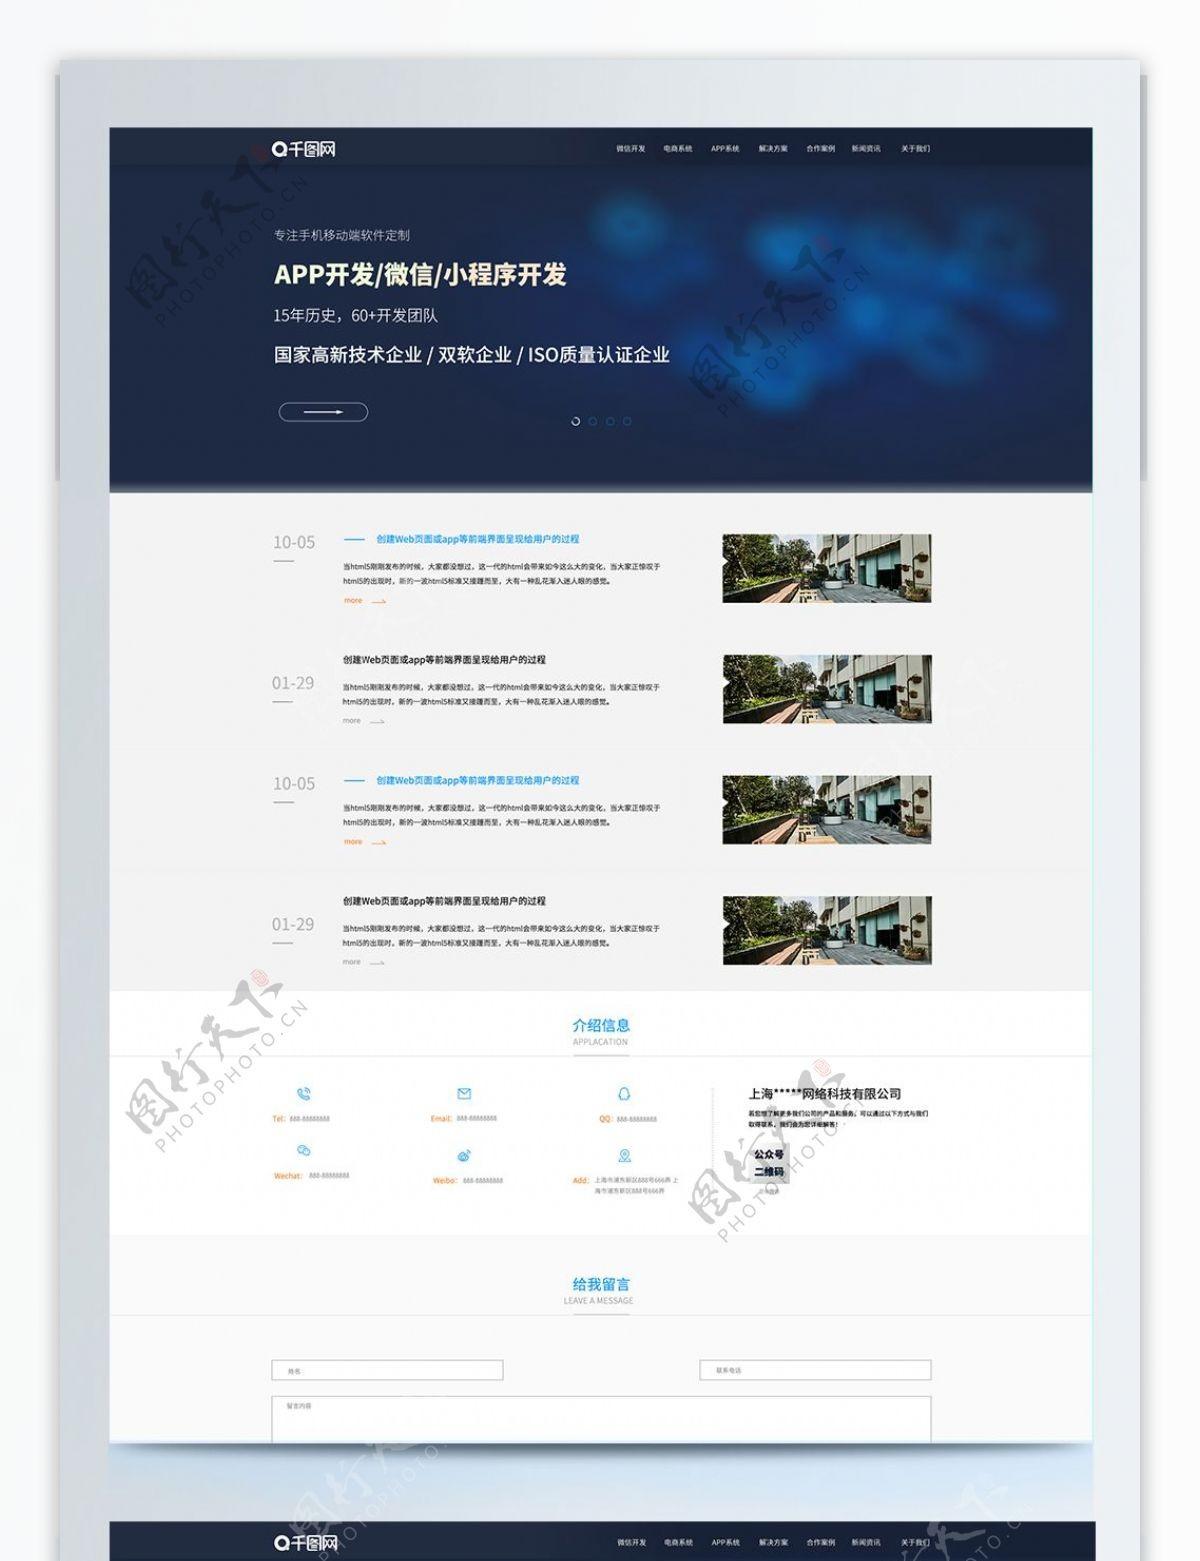 蓝色科技互联网企业官方网站联系我们设计